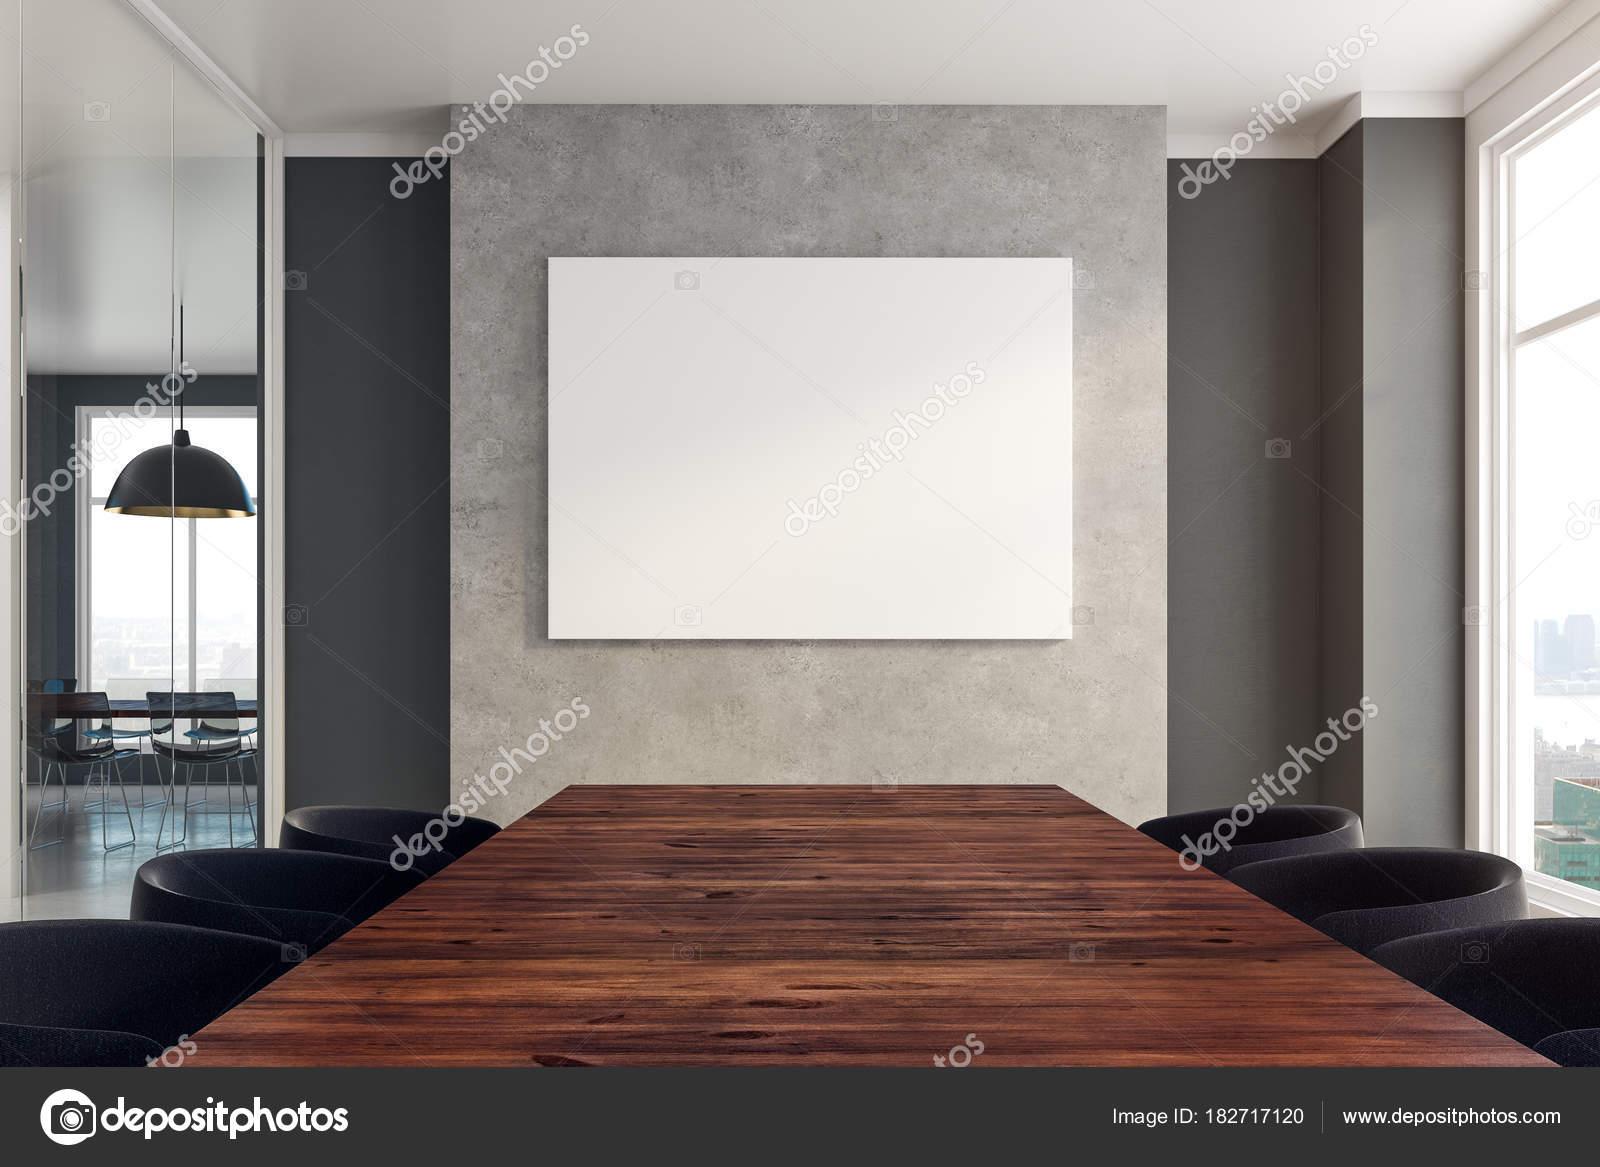 Modernes Internat Zimmer — Stockfoto © peshkova #182717120